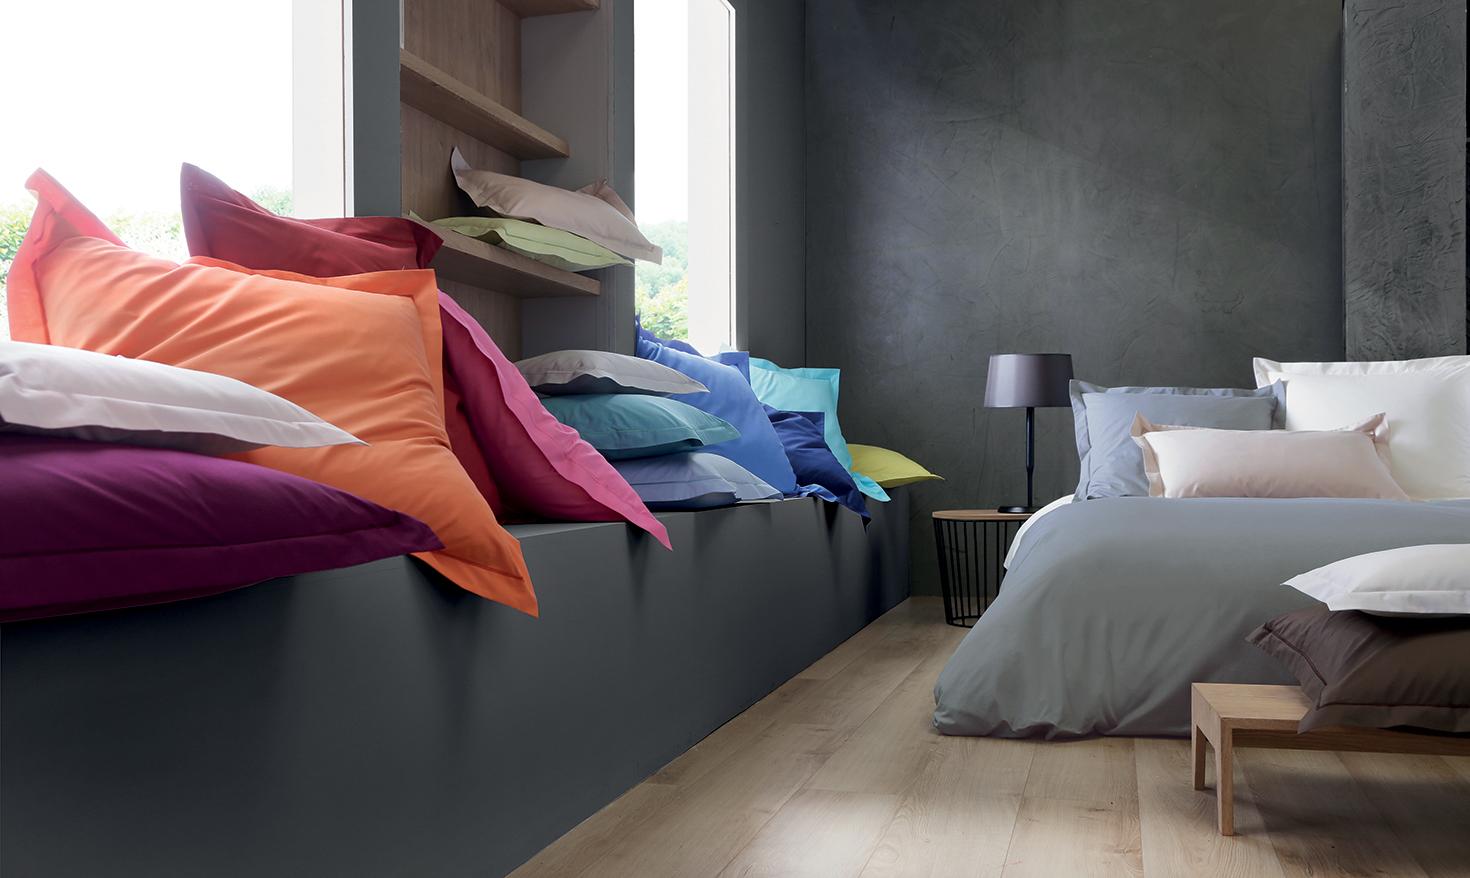 blanc des vosges linge de maison fabrication francaise linge de lit d coration. Black Bedroom Furniture Sets. Home Design Ideas